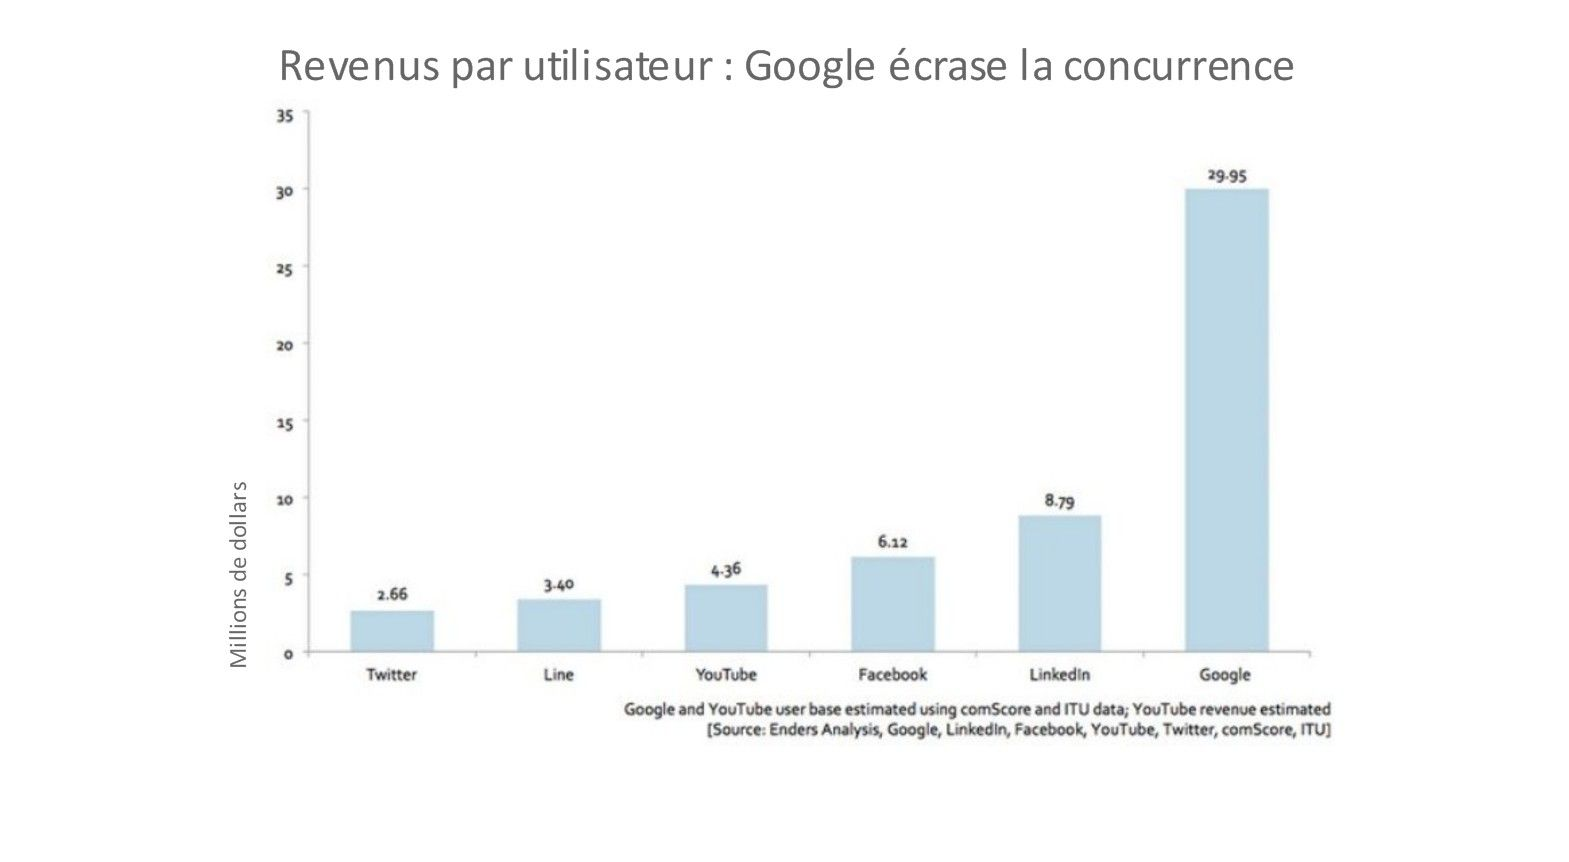 Le graphique : Revenus par utilisateur, Google écrase la concurrence